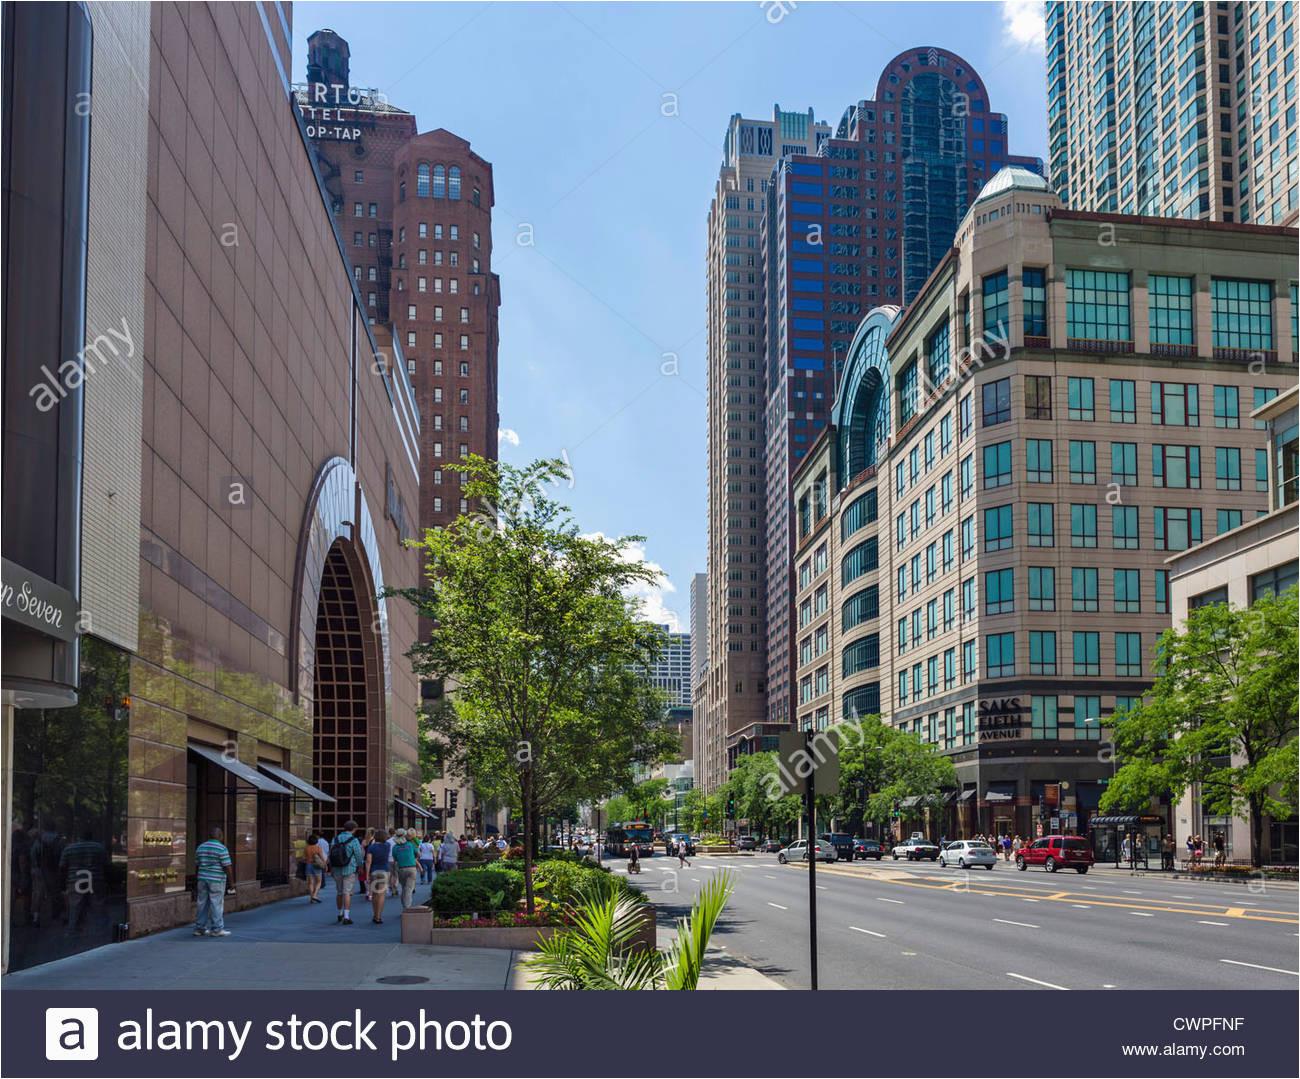 herrliche meile nord michigan avenue chicago stockfotos herrliche